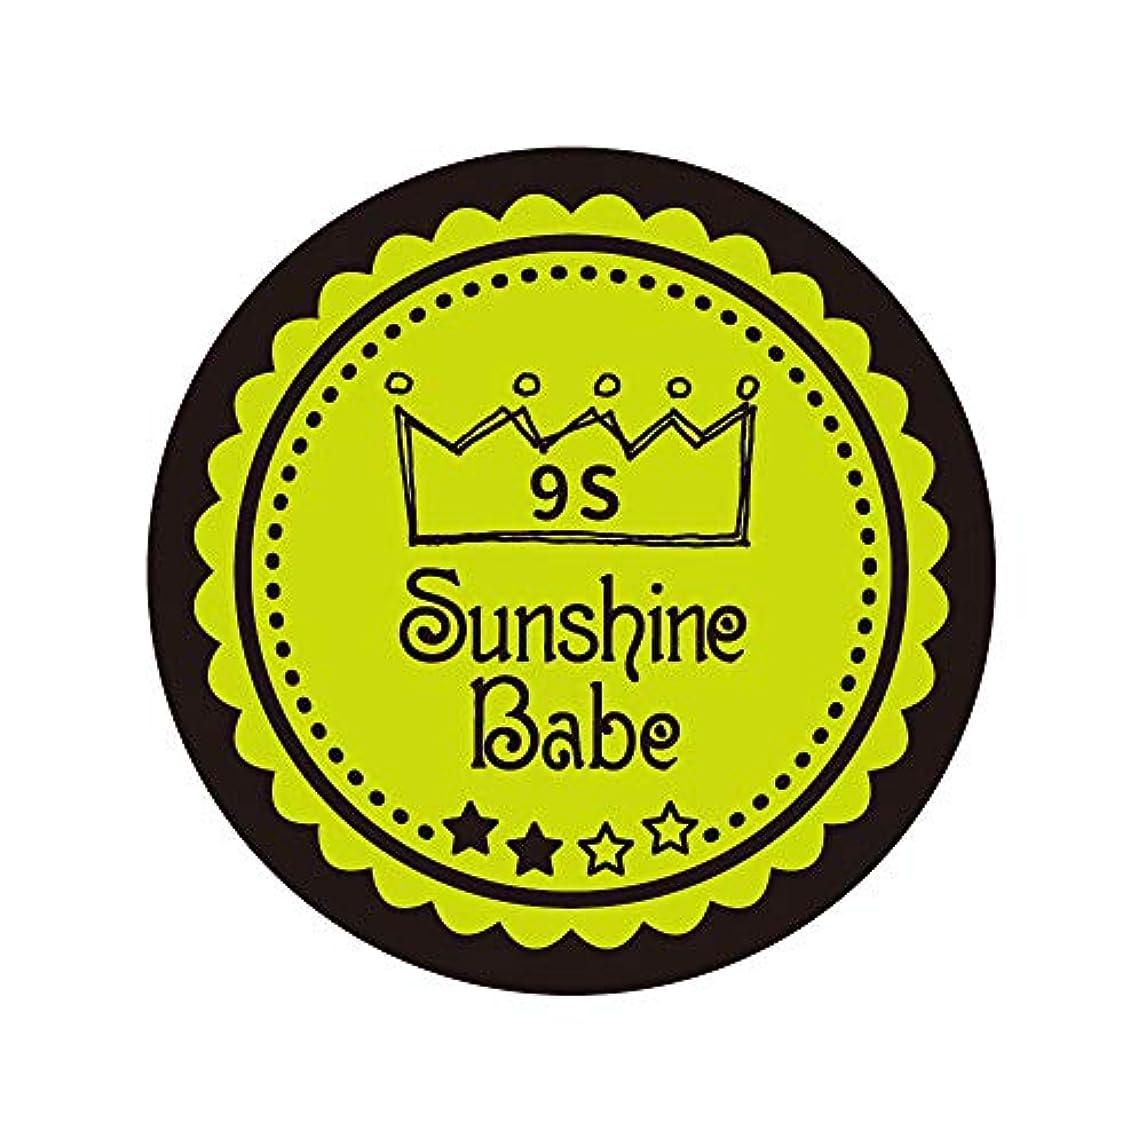 団結する契約材料Sunshine Babe カラージェル 9S ライムパンチ 2.7g UV/LED対応